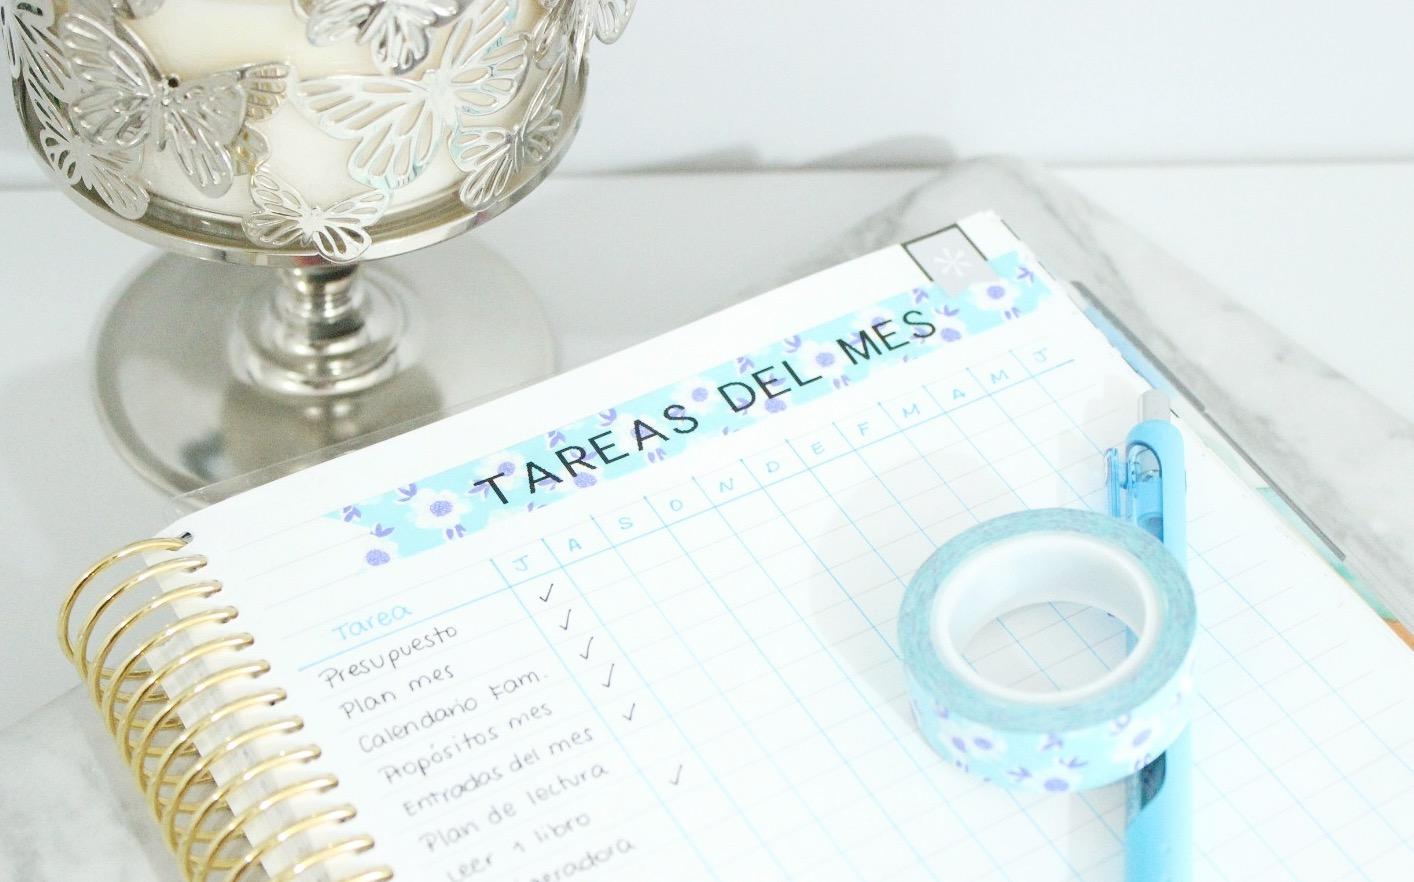 cuadro_tareas_mensuales_repetidas_rutinas